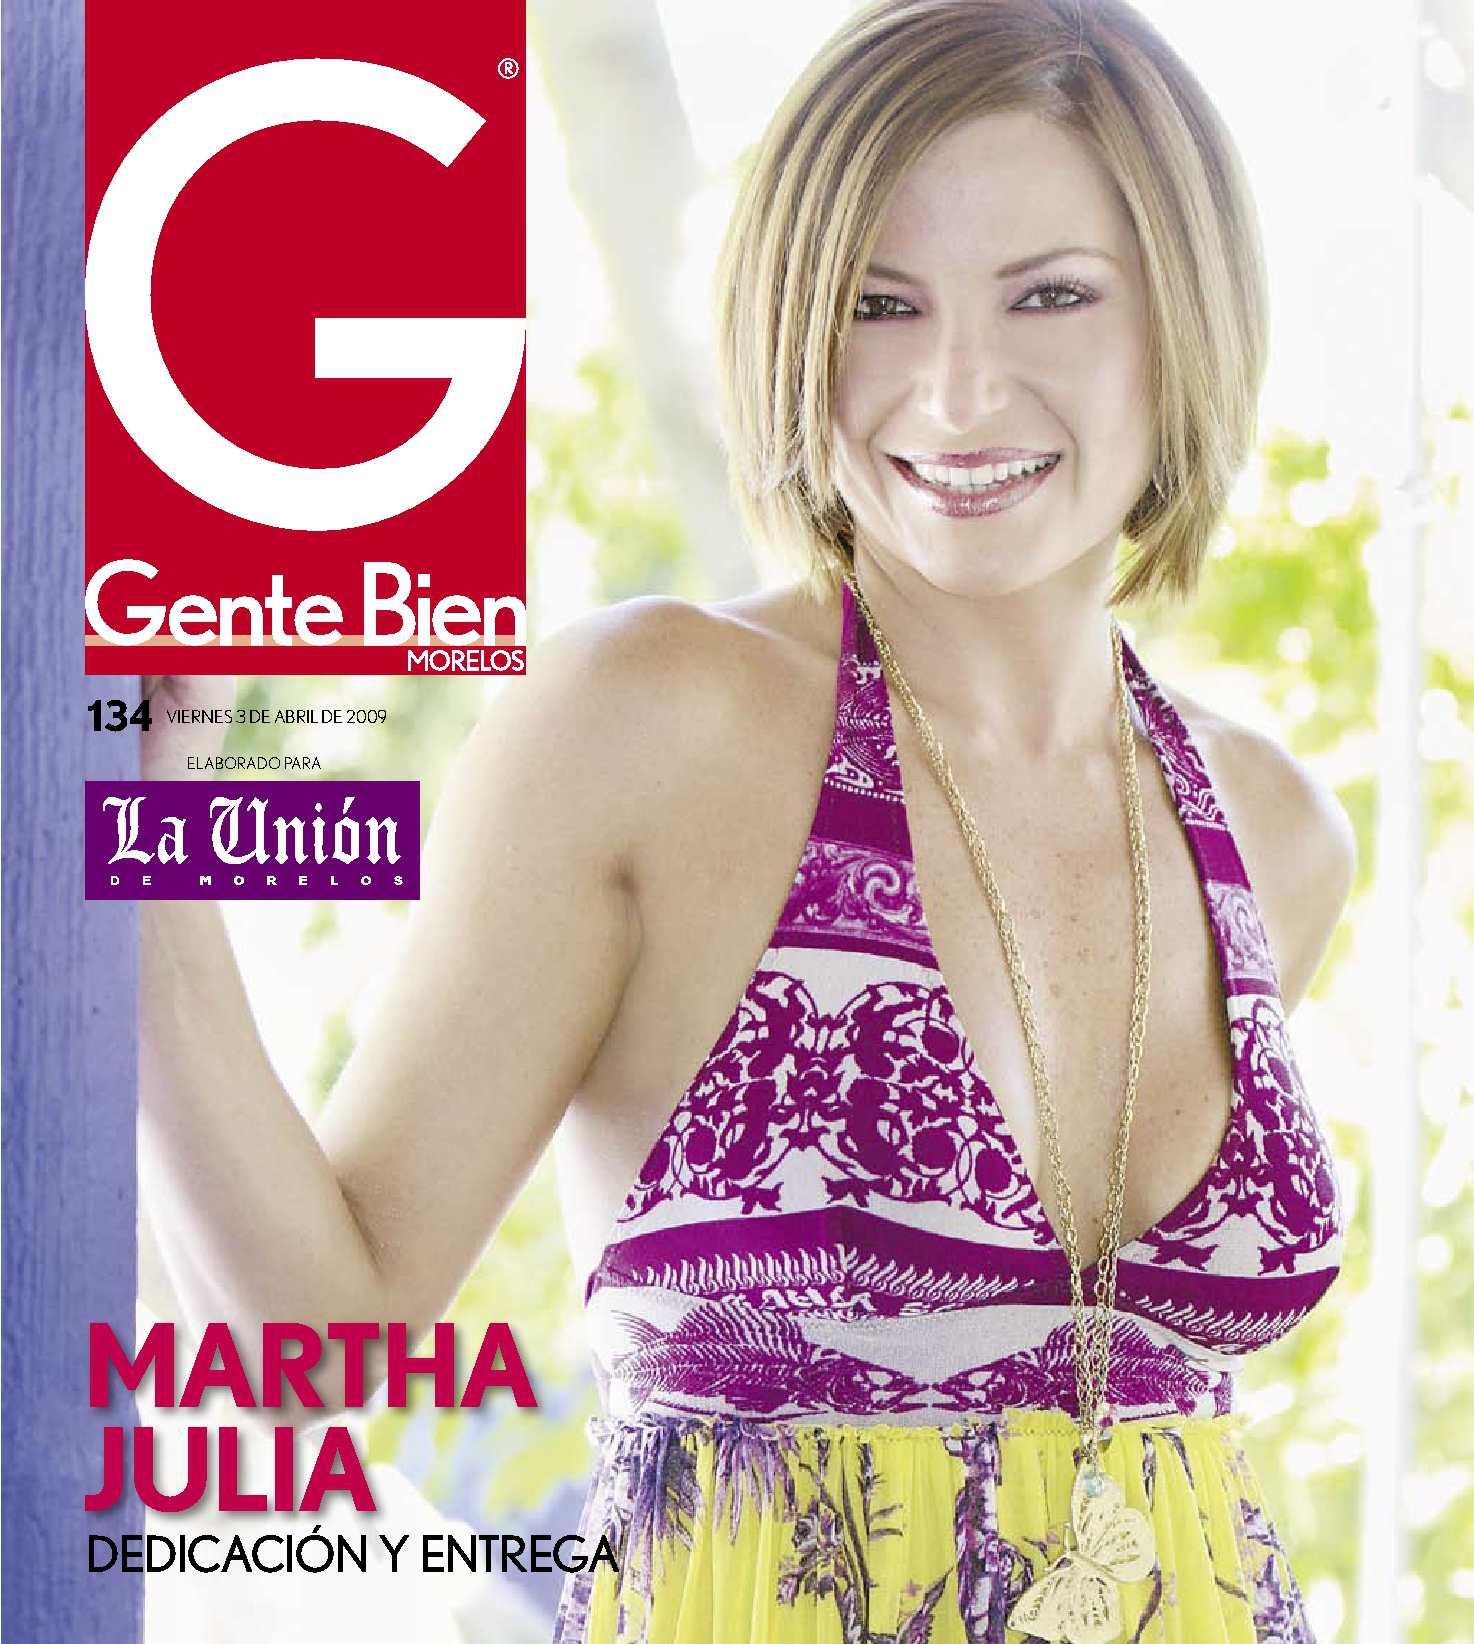 GenteBien Morelos No. 134